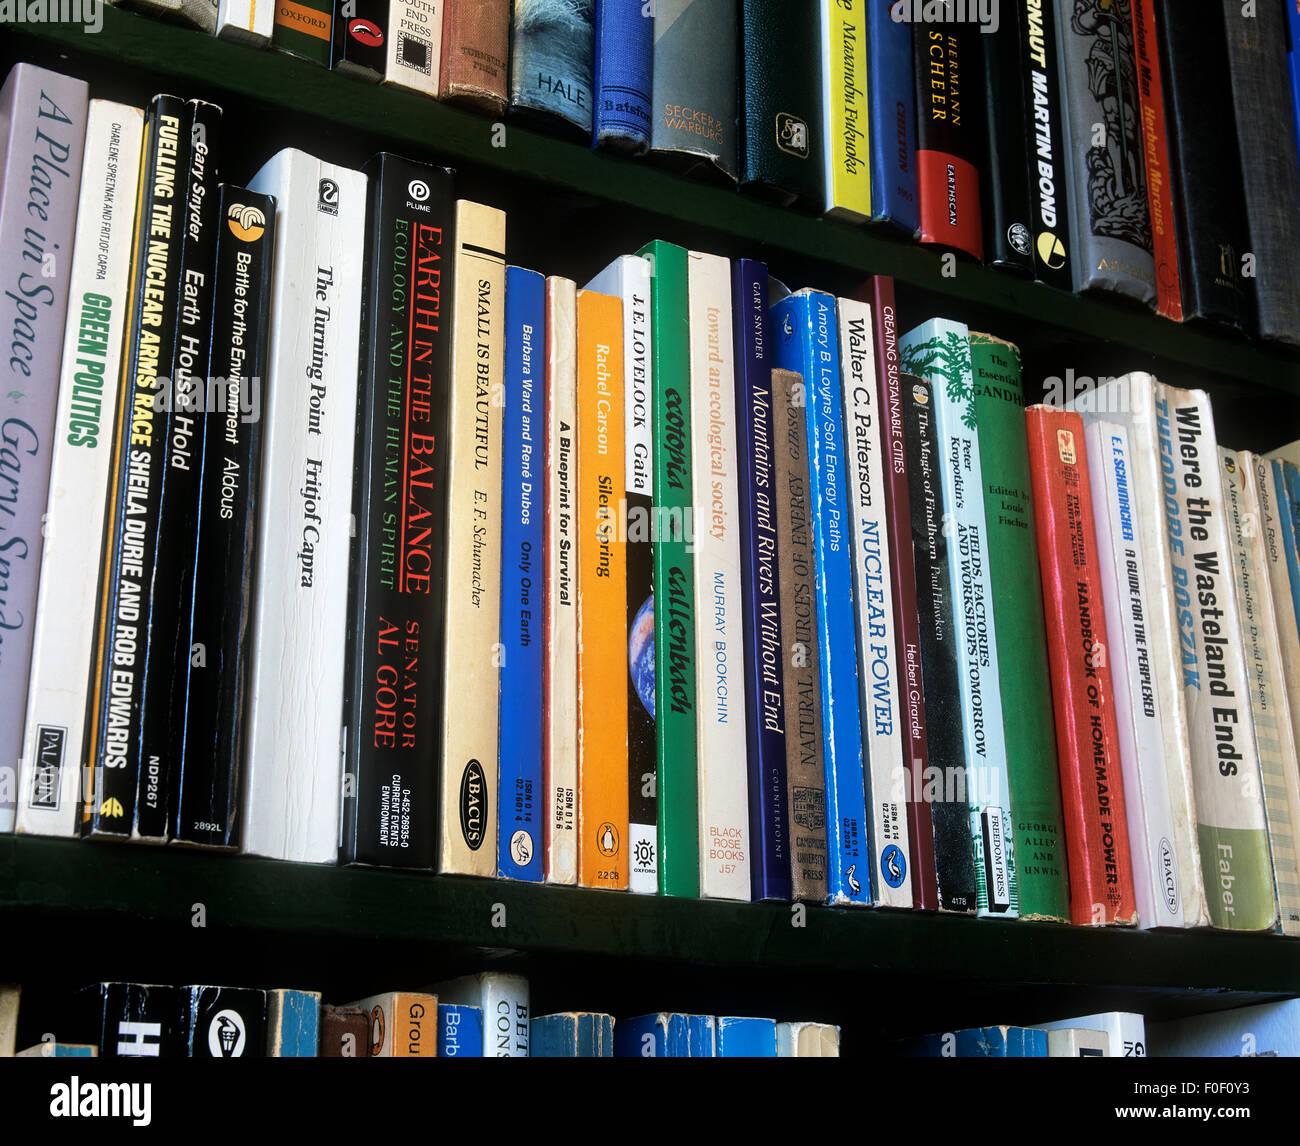 Una selezione di libri principalmente sulle questioni ambientali e argomenti correlati. Immagini Stock